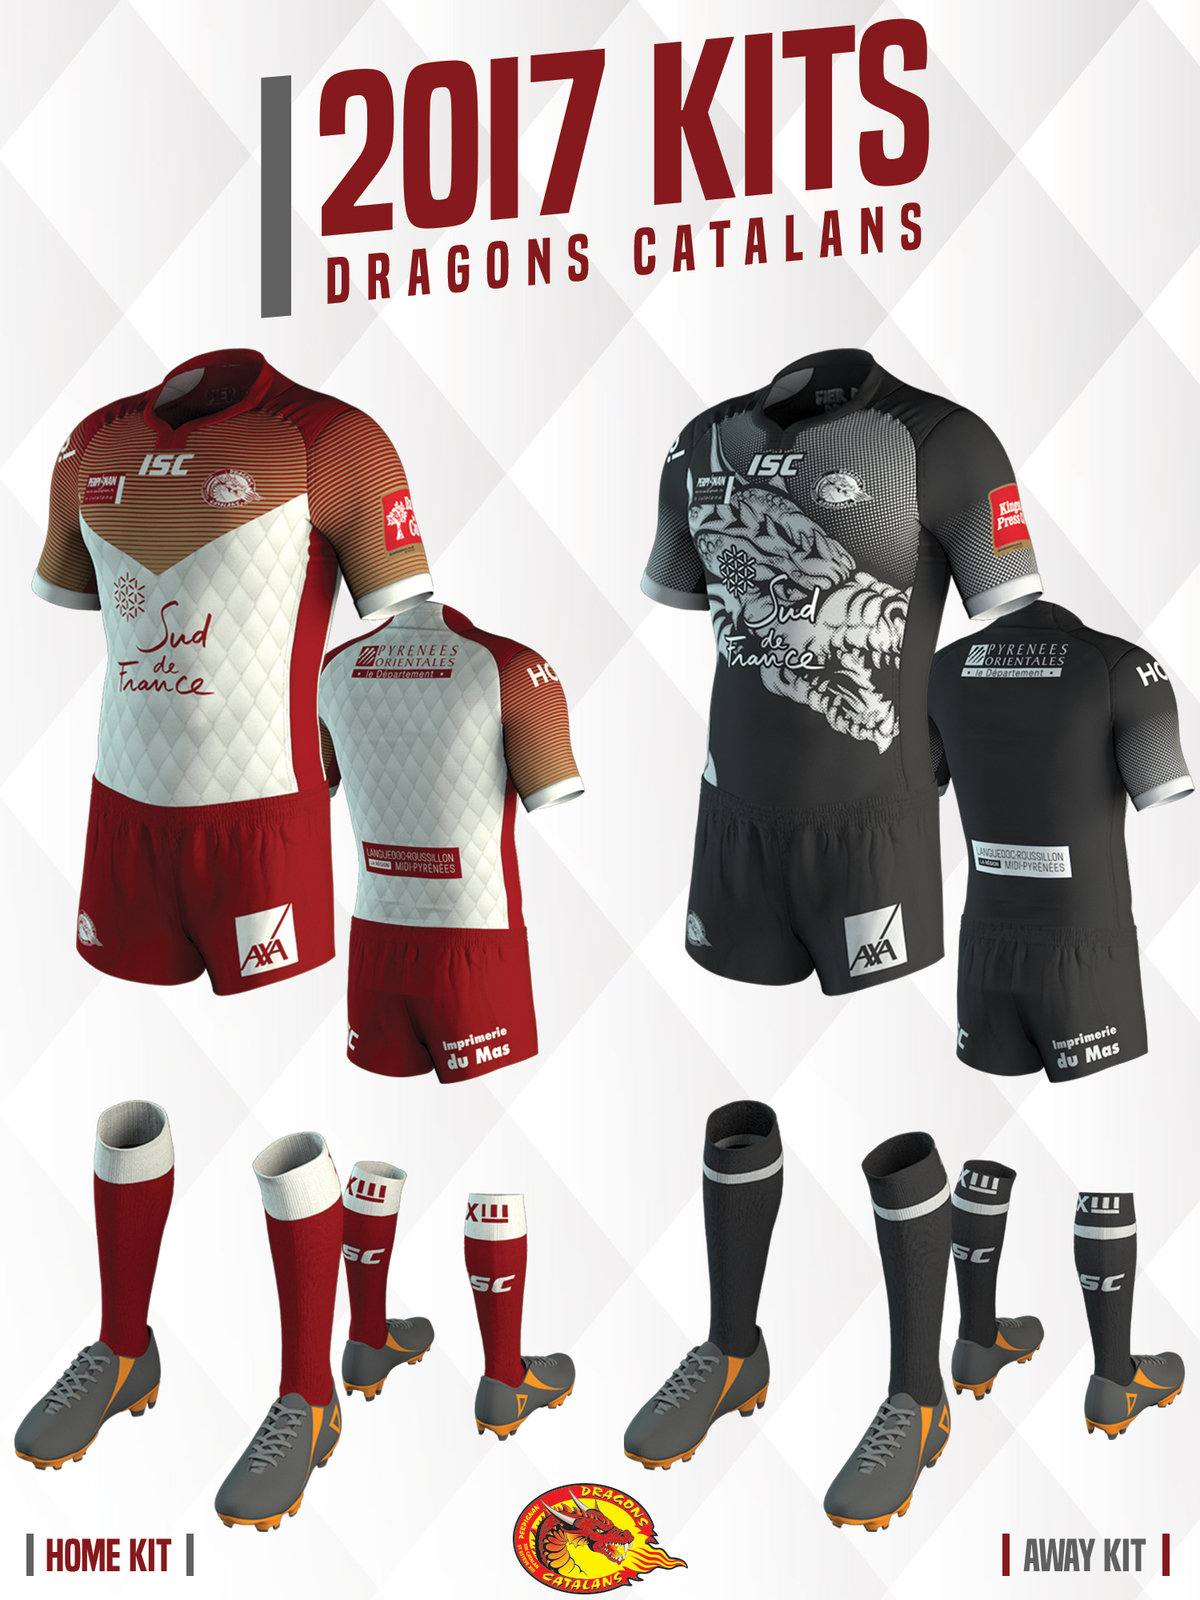 af8eb6b57 Dragons Catalans › News › 2016 › Nov. › Dragons Unveil 2017 Kits